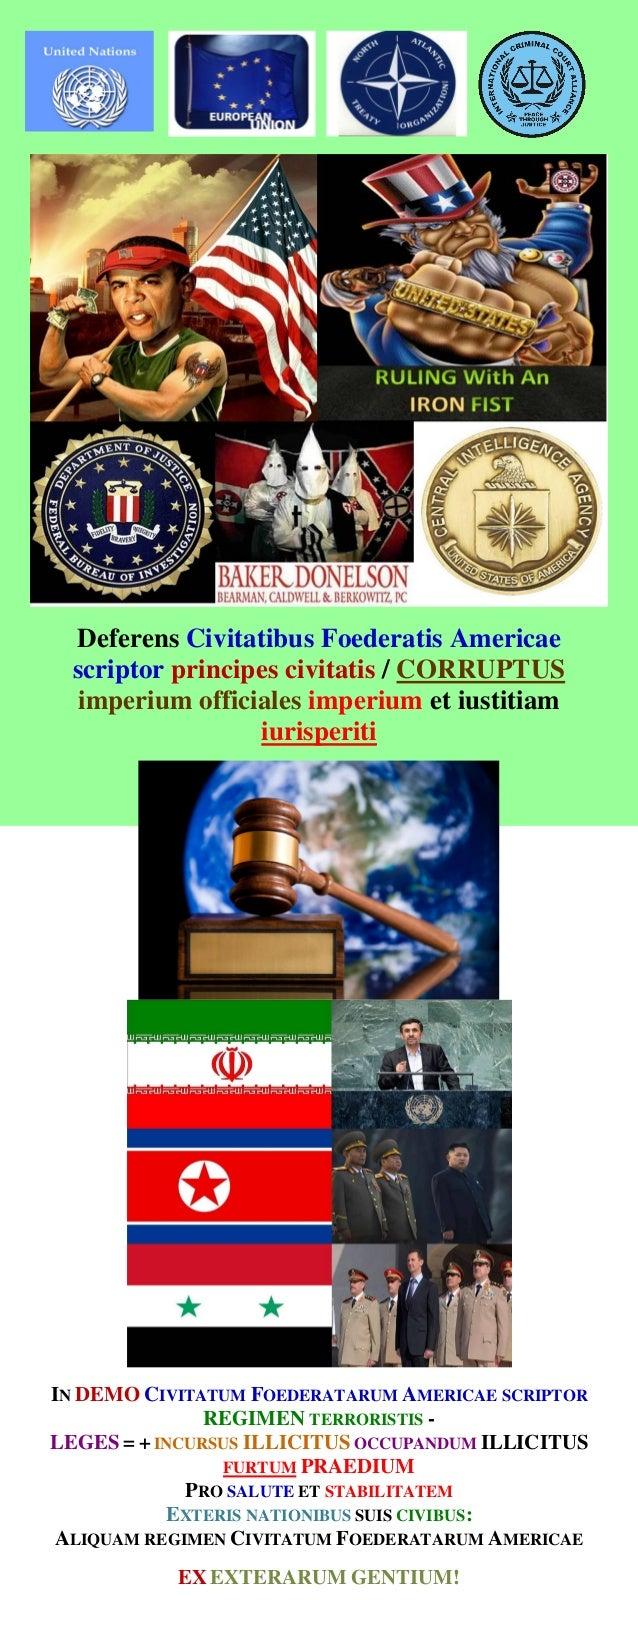 Deferens Civitatibus Foederatis Americae scriptor principes civitatis / CORRUPTUS imperium officiales imperium et iustitia...